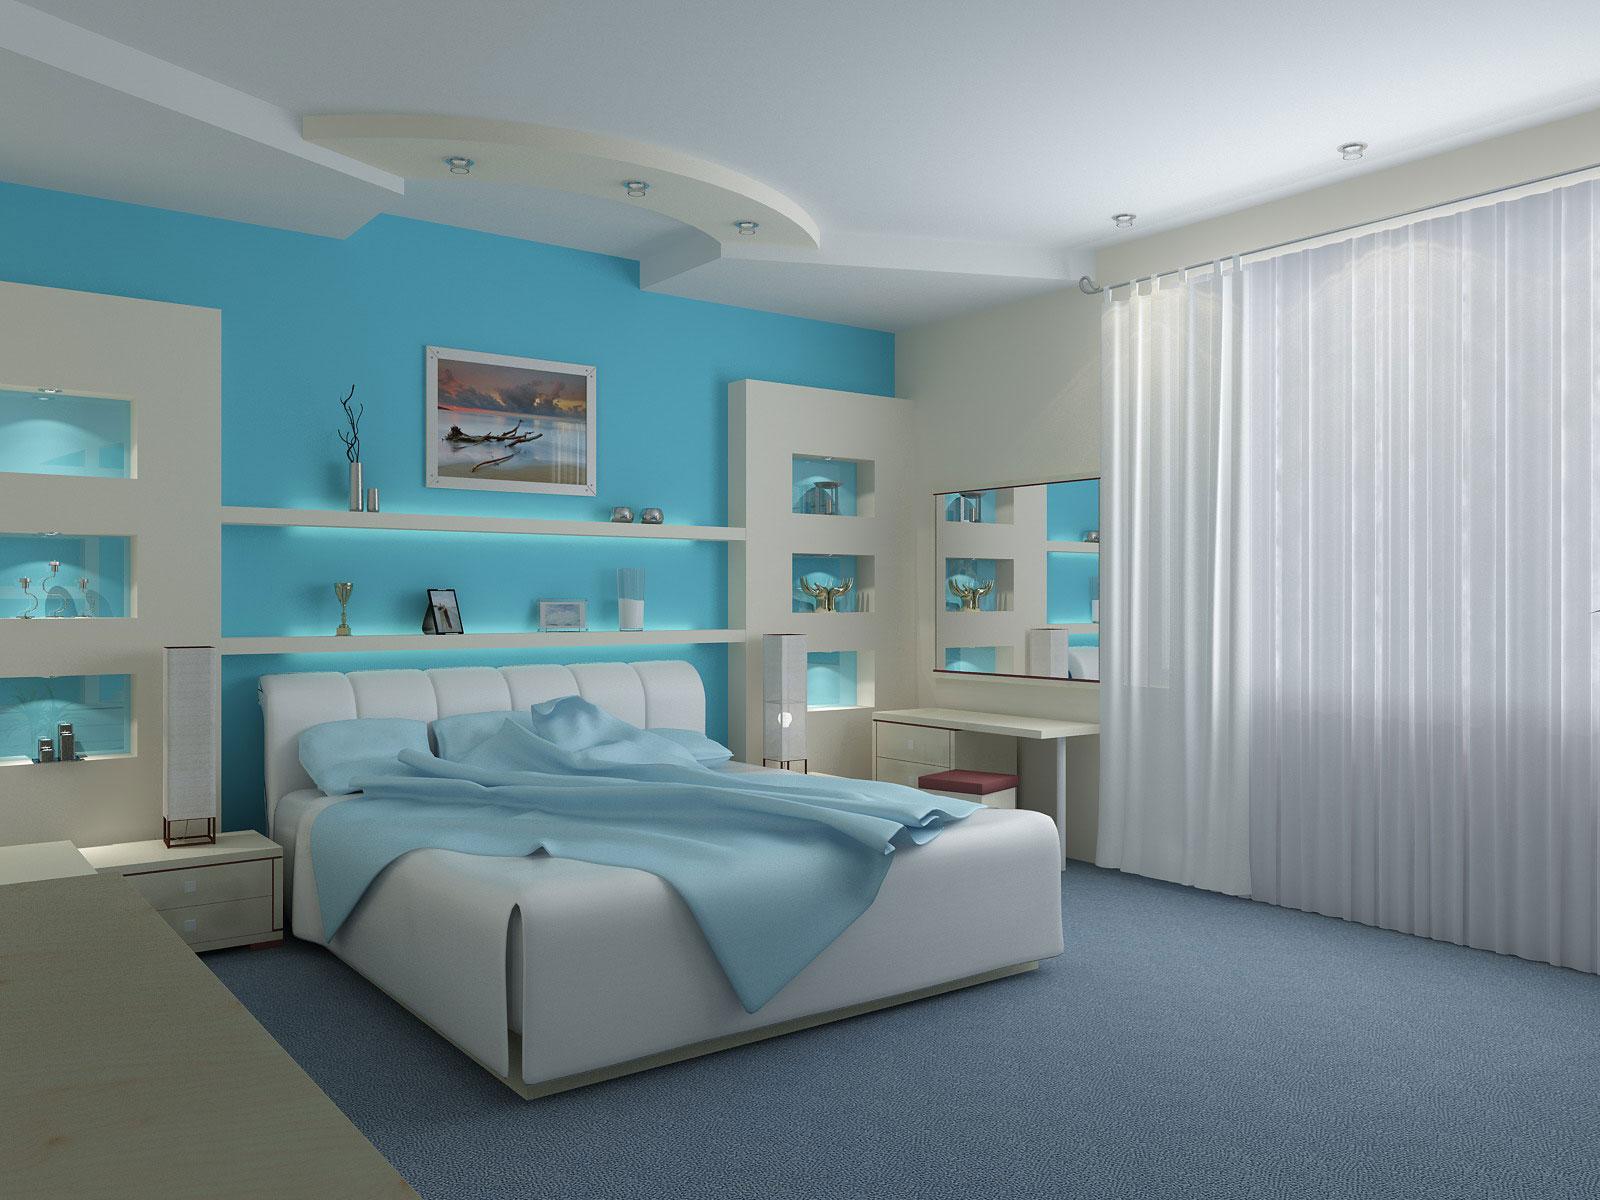 چه نوع فرشی برای اتاق کودک مناسب است؟